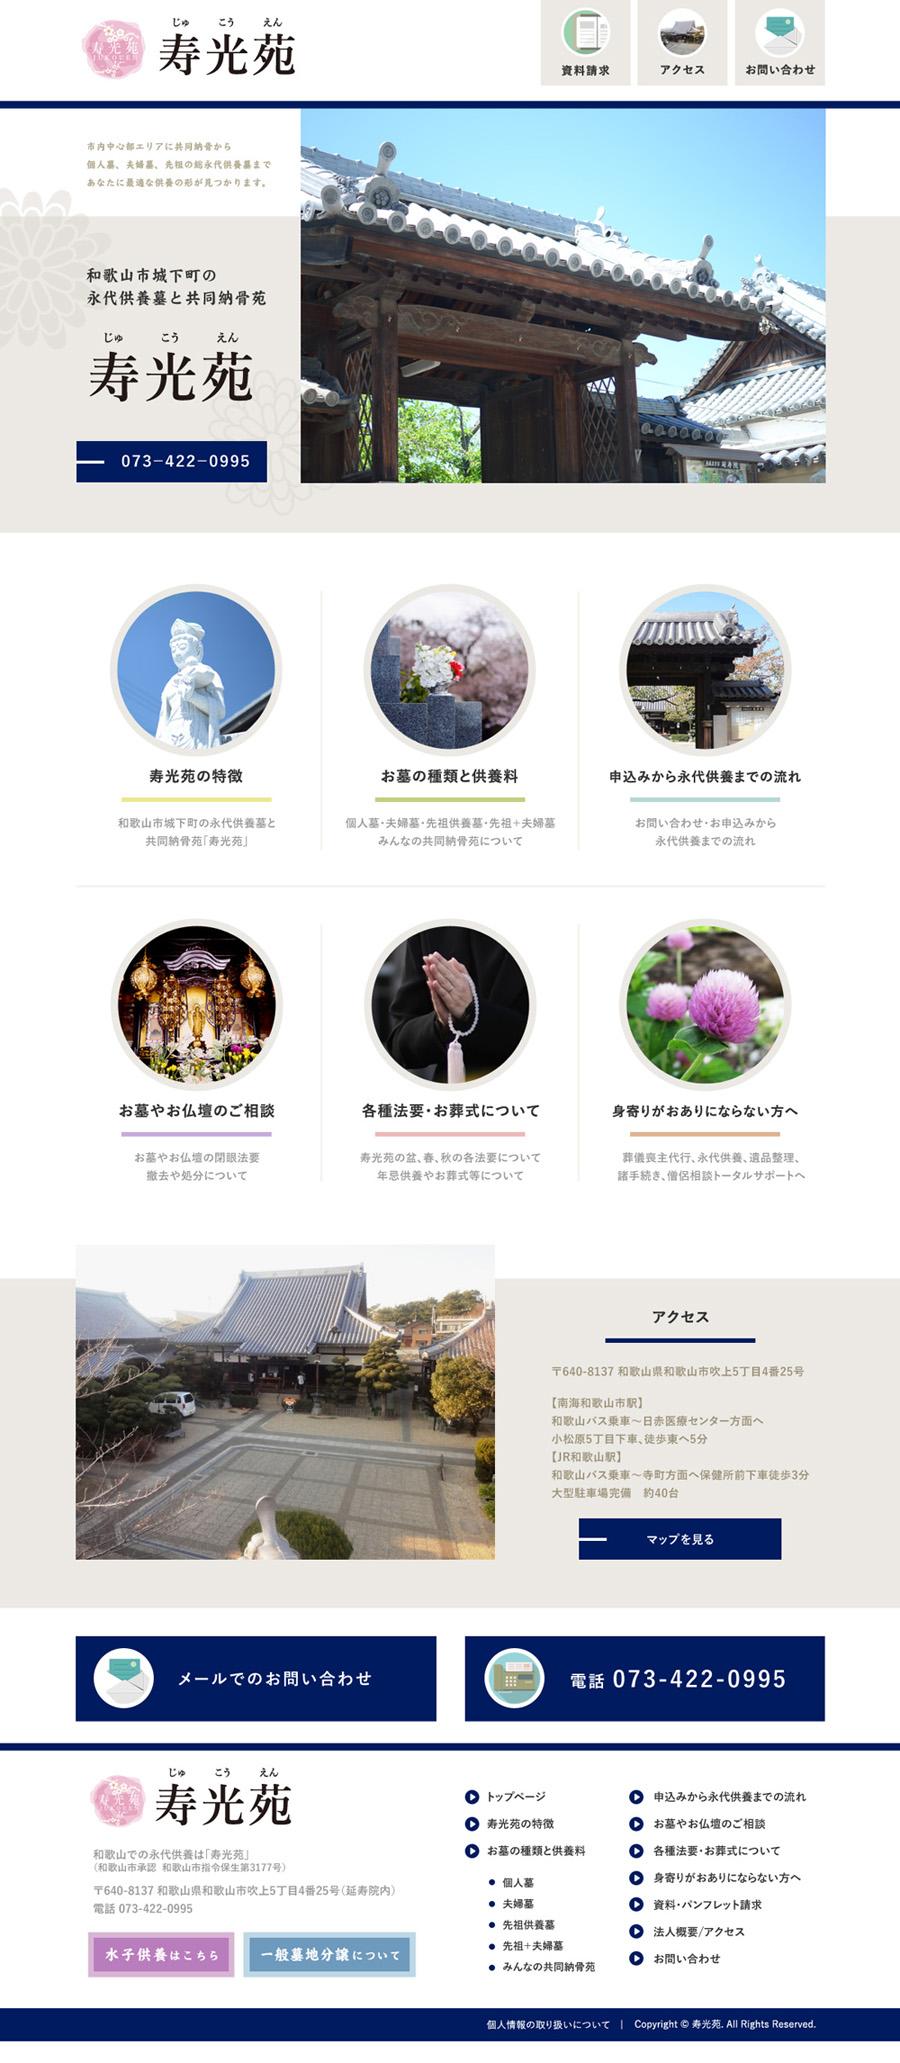 寺院のホームページ